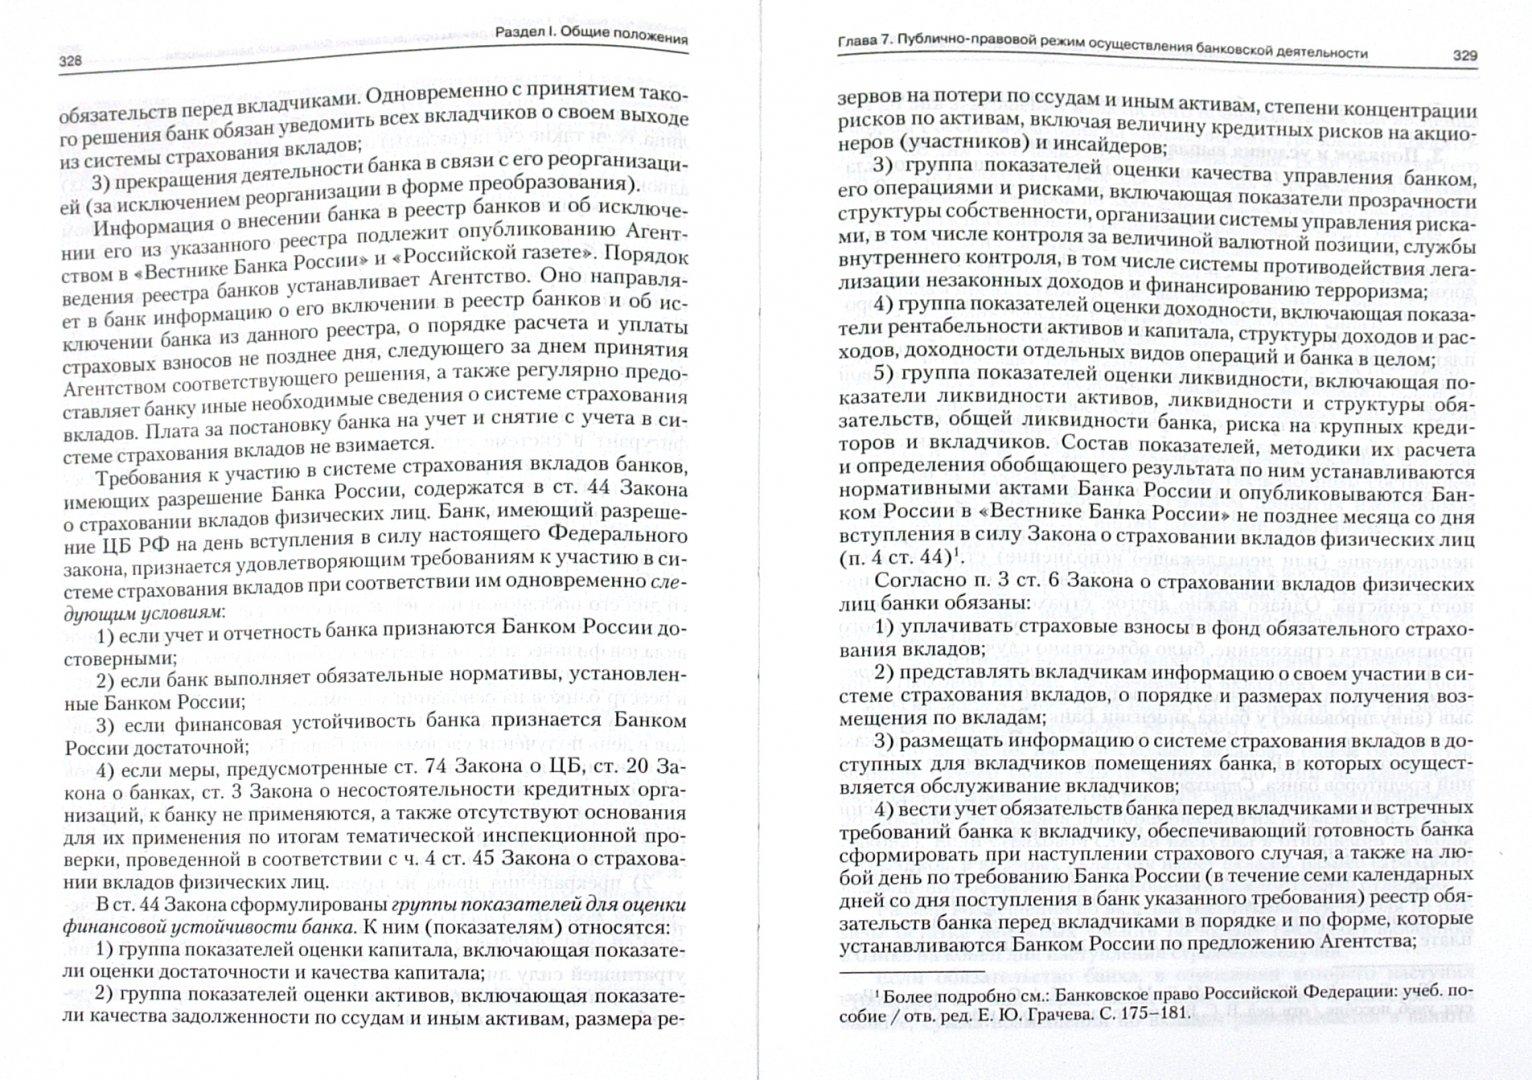 Иллюстрация 1 из 7 для Банковское право. Учебник для бакалавров - Белых, Виниченко, Гаврина | Лабиринт - книги. Источник: Лабиринт